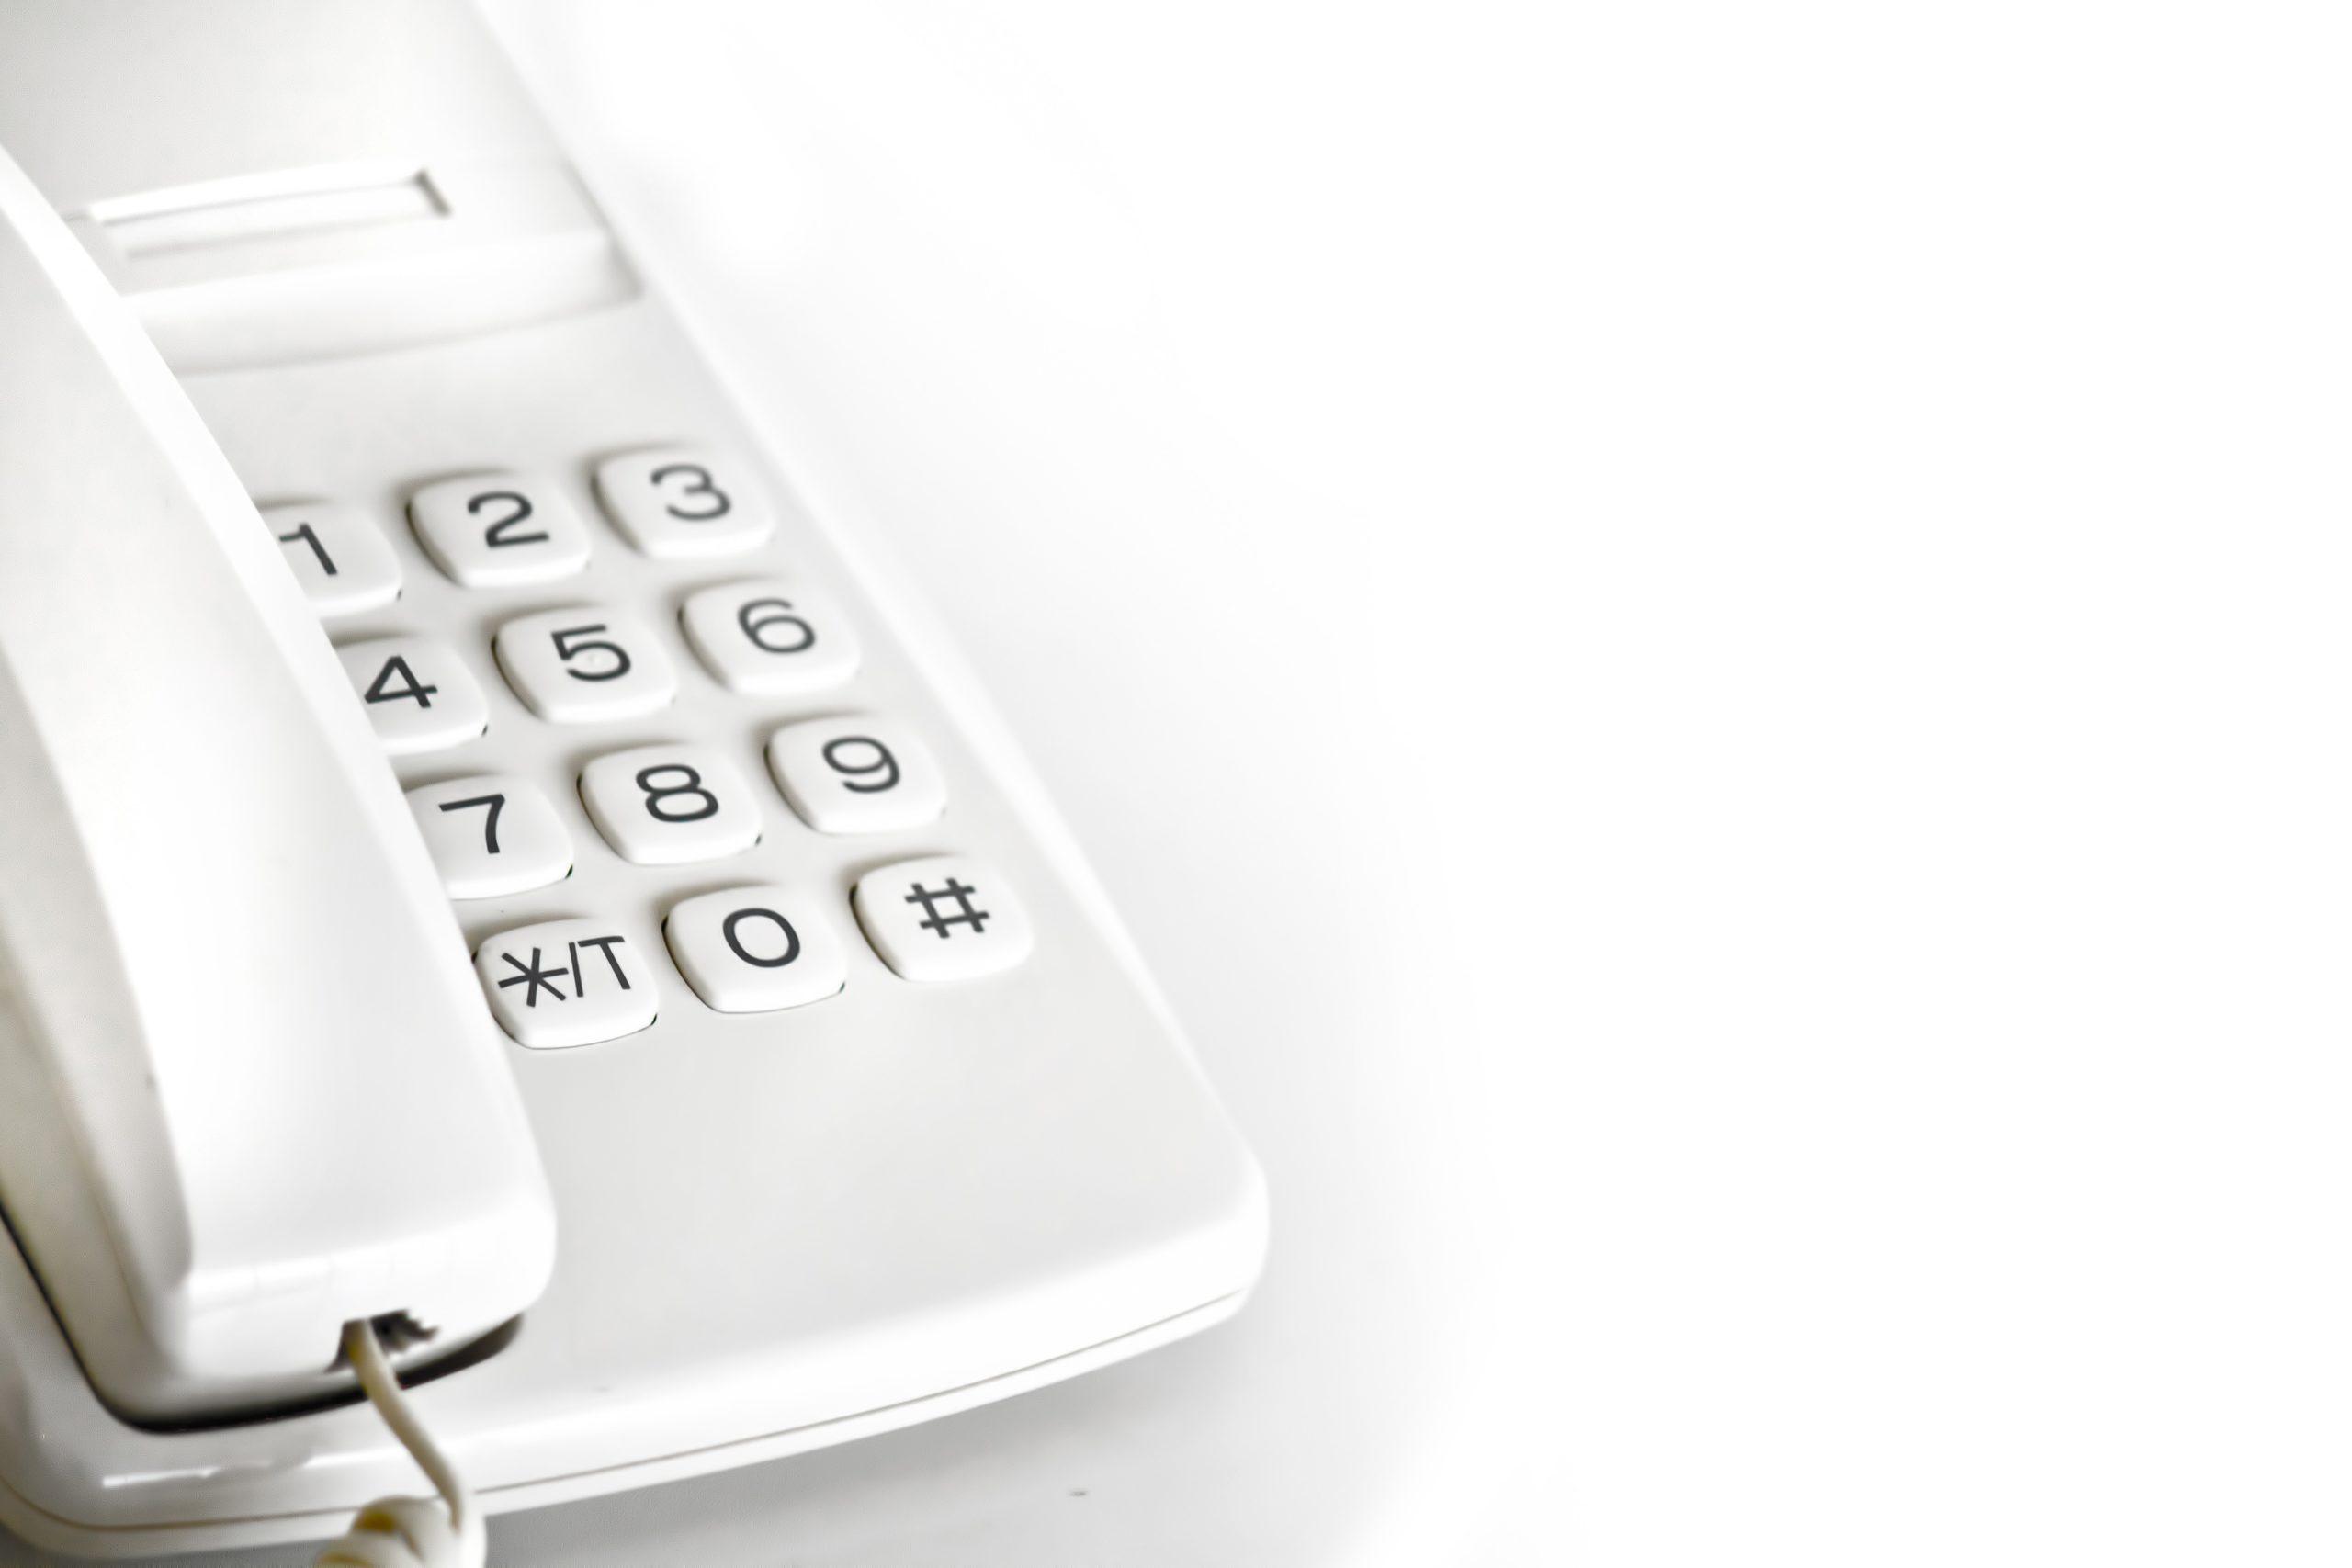 電話転送サービスのフランチャイズ・代理店募集一覧